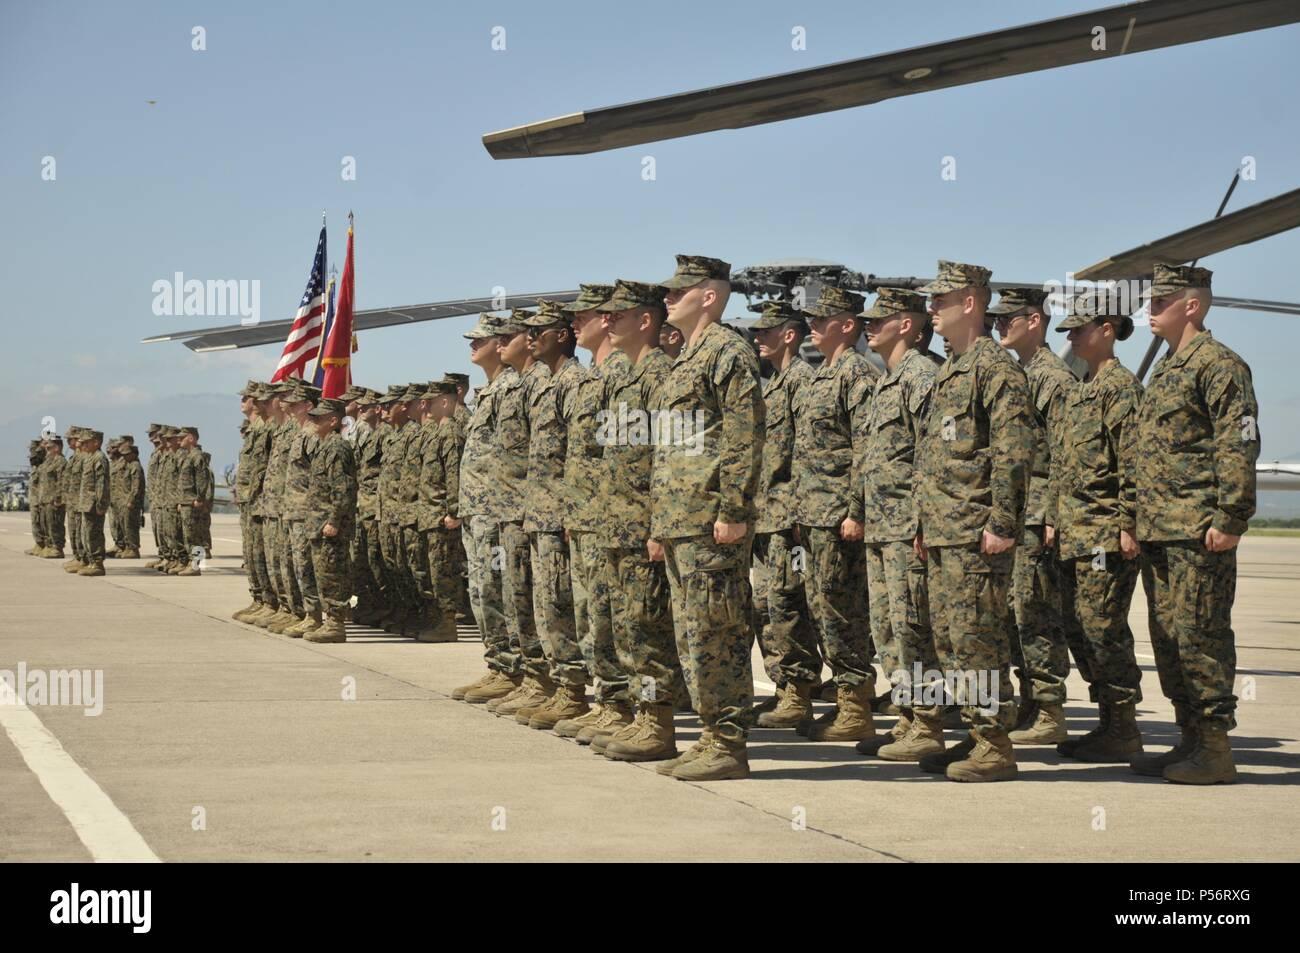 Marines avec des Groupe de travail air-sol marin - Southern Command au garde à vous en attendant l'ordre du commandant des troupes au cours de la cérémonie d'ouverture de l'unité à bord de la Base Aérienne de Soto Cano, le Honduras, le 11 juin 2018, 11 juin 2018. Les Marines et les marins d'SPMAGTF-SC effectuera la coopération de sécurité et de formation projets d'ingénierie avec des forces militaires de la nation d'Amérique centrale et du Sud au cours de leur déploiement. L'unité est également prêt à fournir une aide humanitaire et des secours en cas d'ouragan ou d'une autre situation d'urgence dans la région. (U.S. Marin Photo Stock